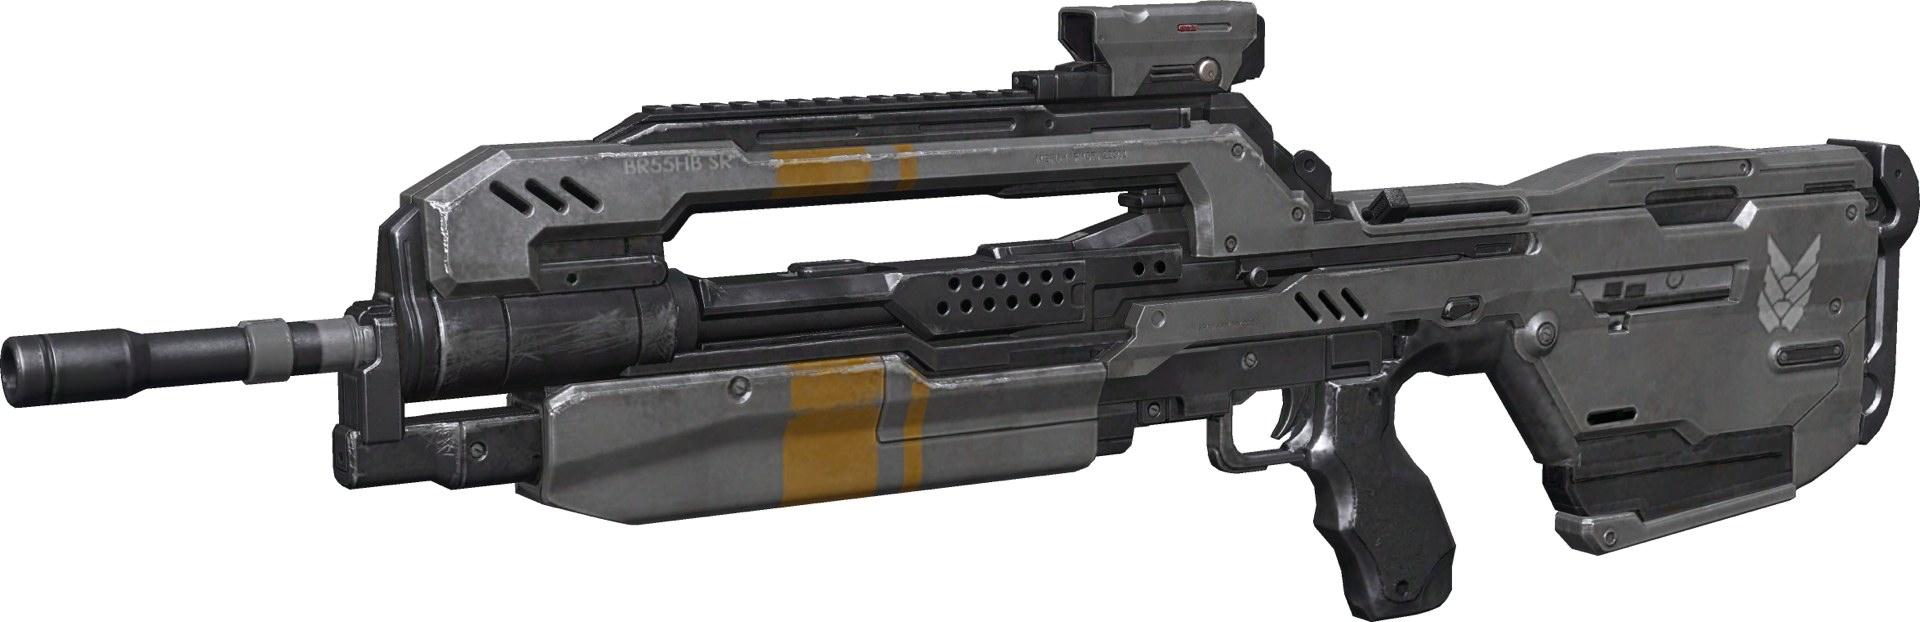 Halo4 360 Visuel 017